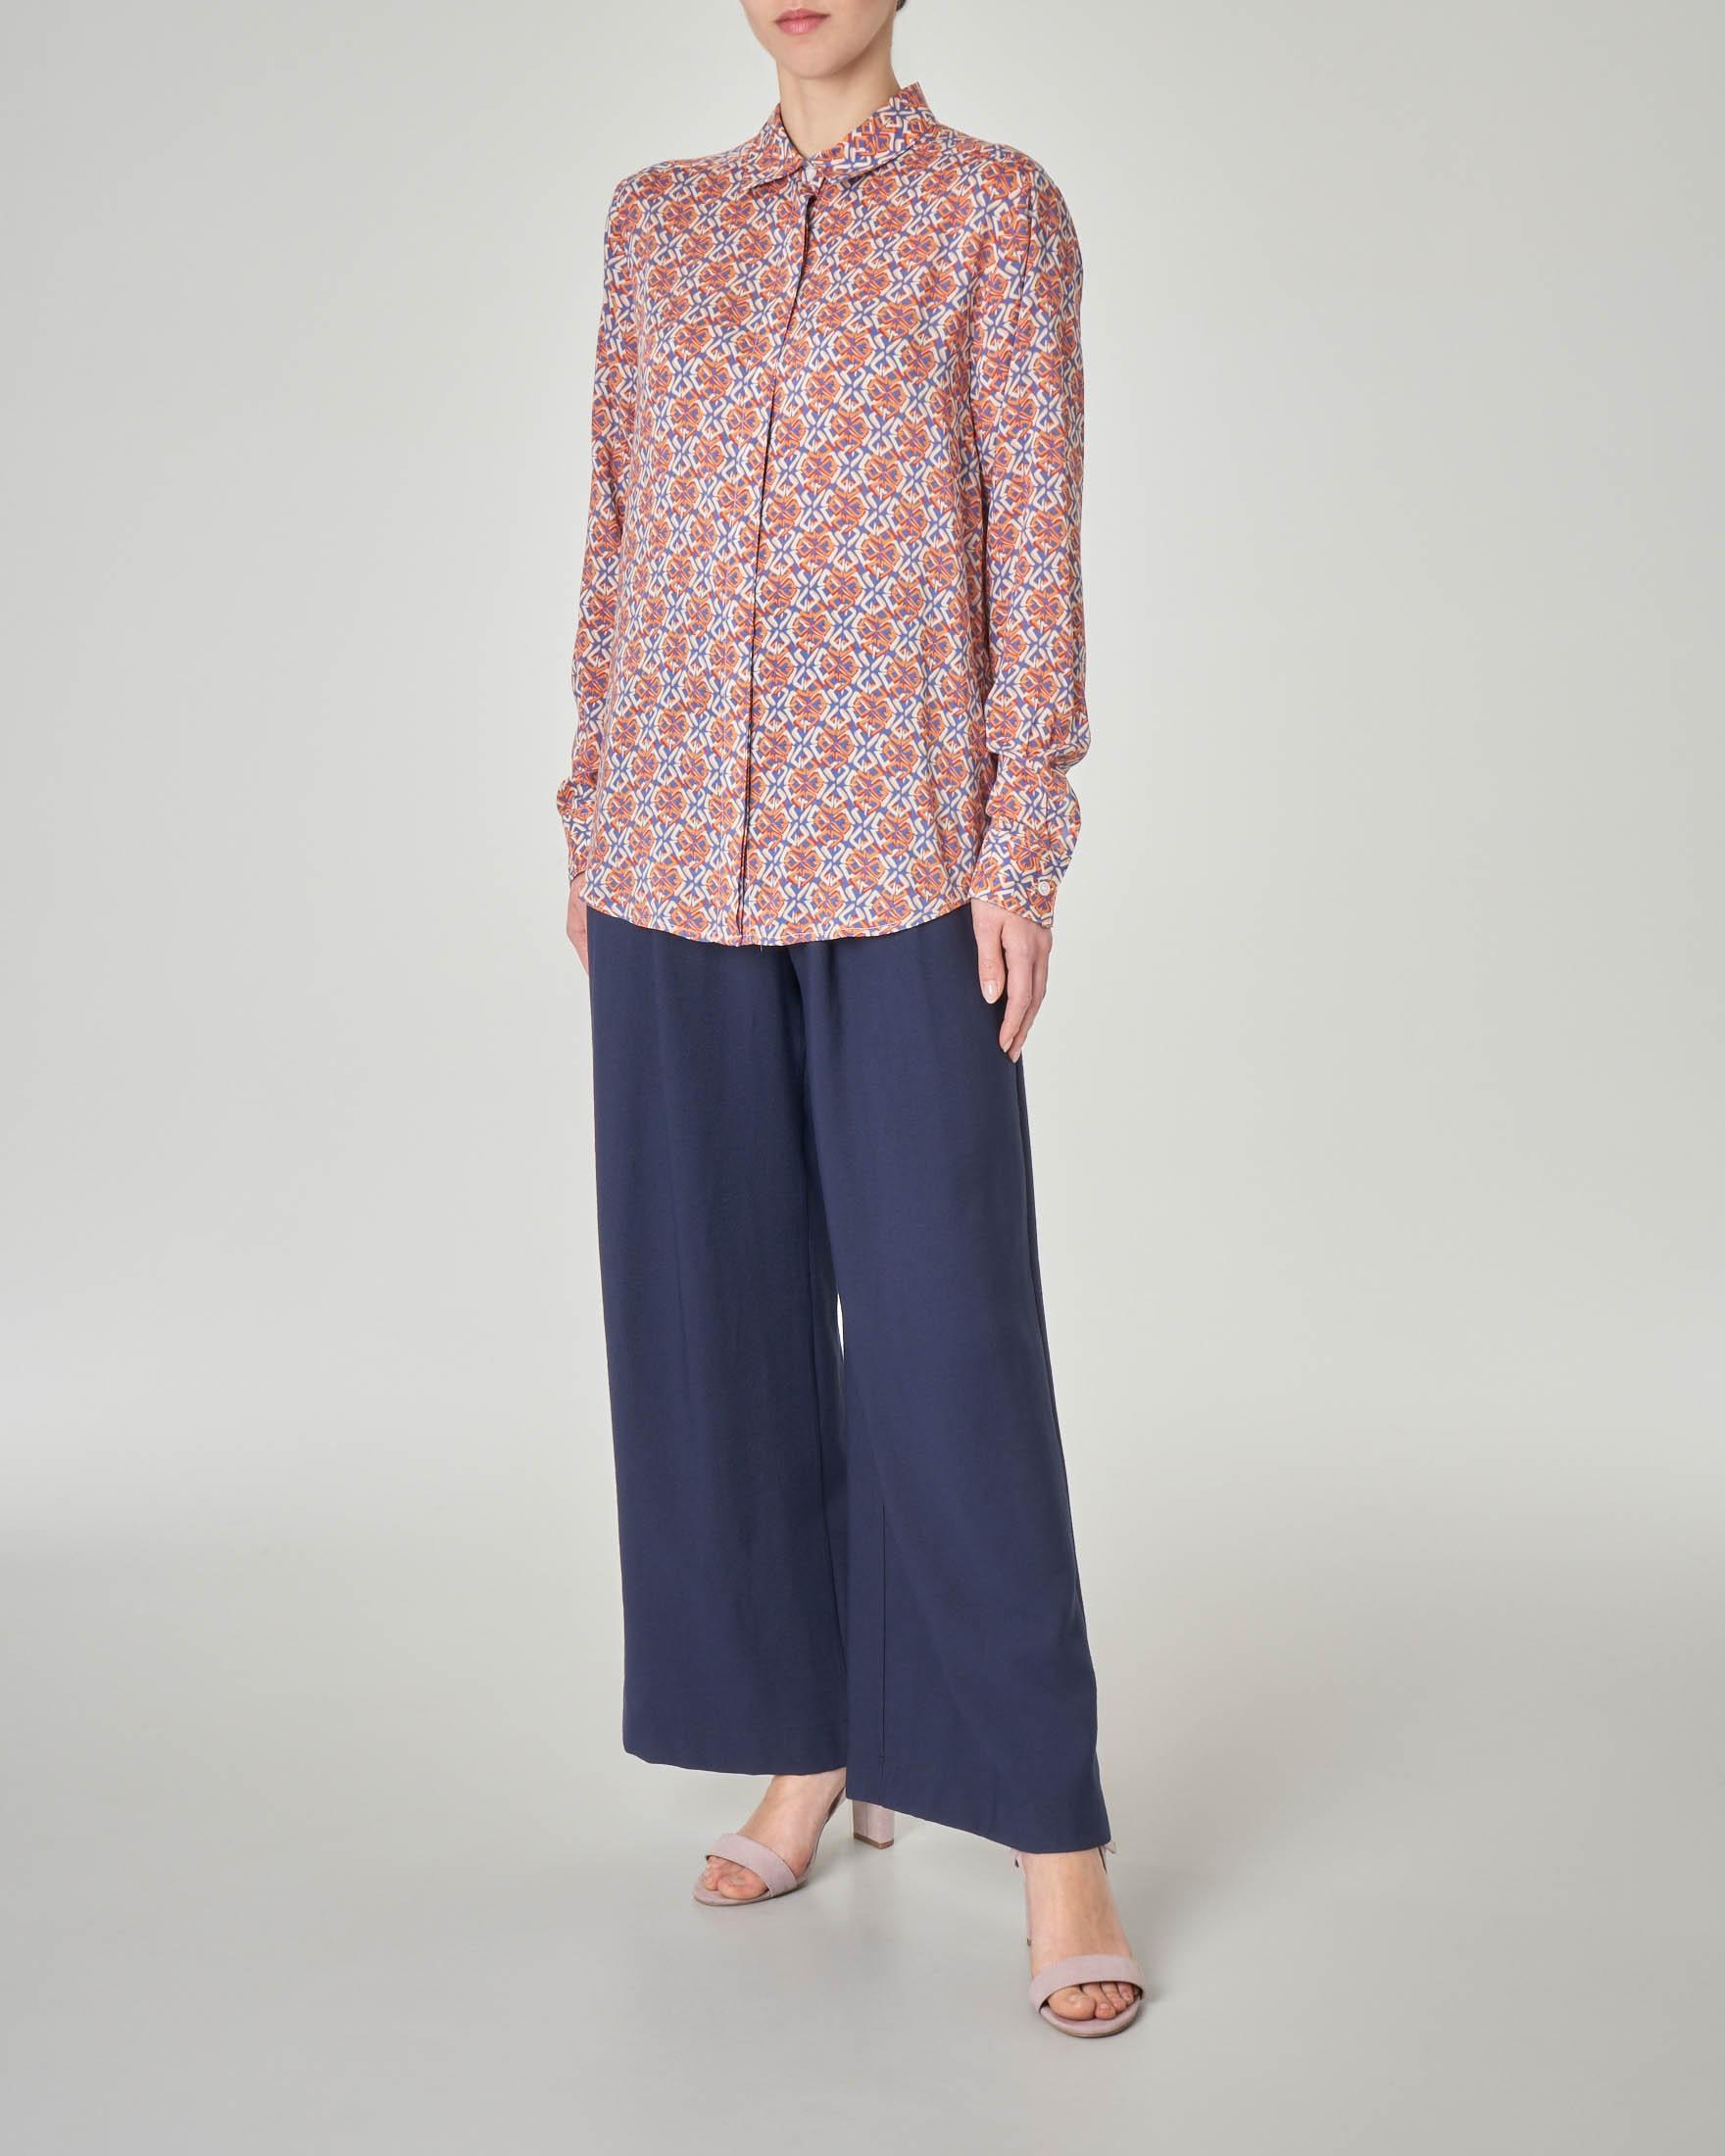 Camicia in viscosa bluette a fantasia geometrica color arancio